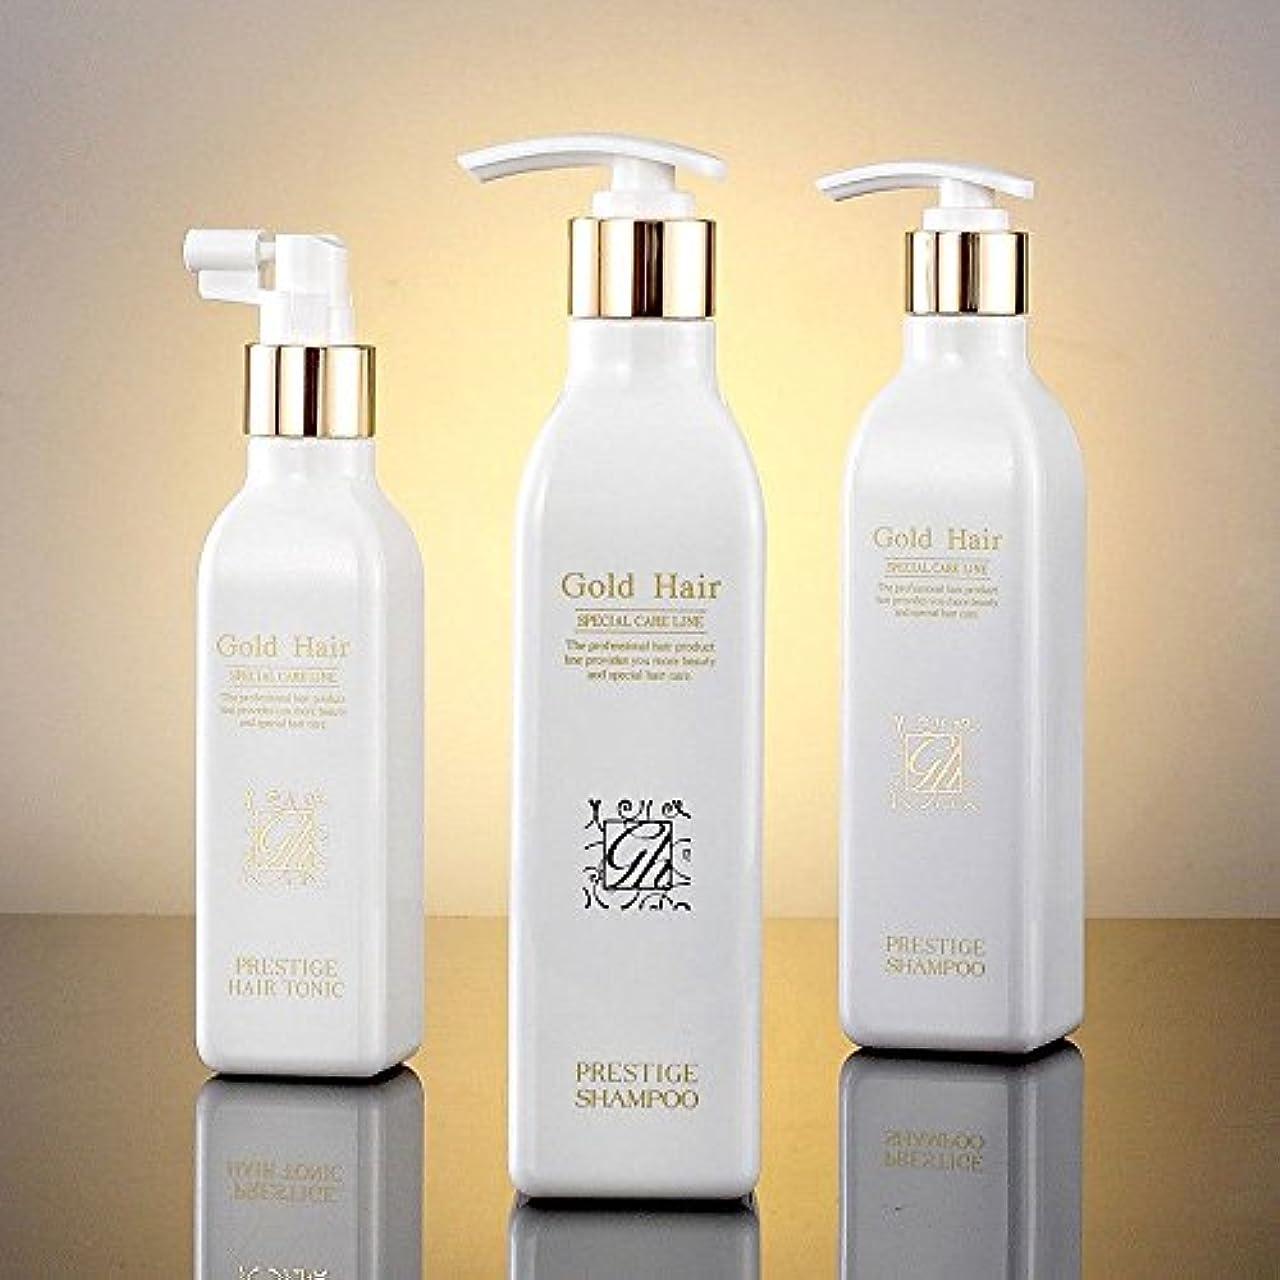 遺伝子コールヒューバートハドソンゴールドヘア育毛シャンプー2個&トニック1個 漢方シャンプー /Herbal Hair Loss Fast Regrowth Shampoo 100% Natural Patented Set of 3(2 shampoo...